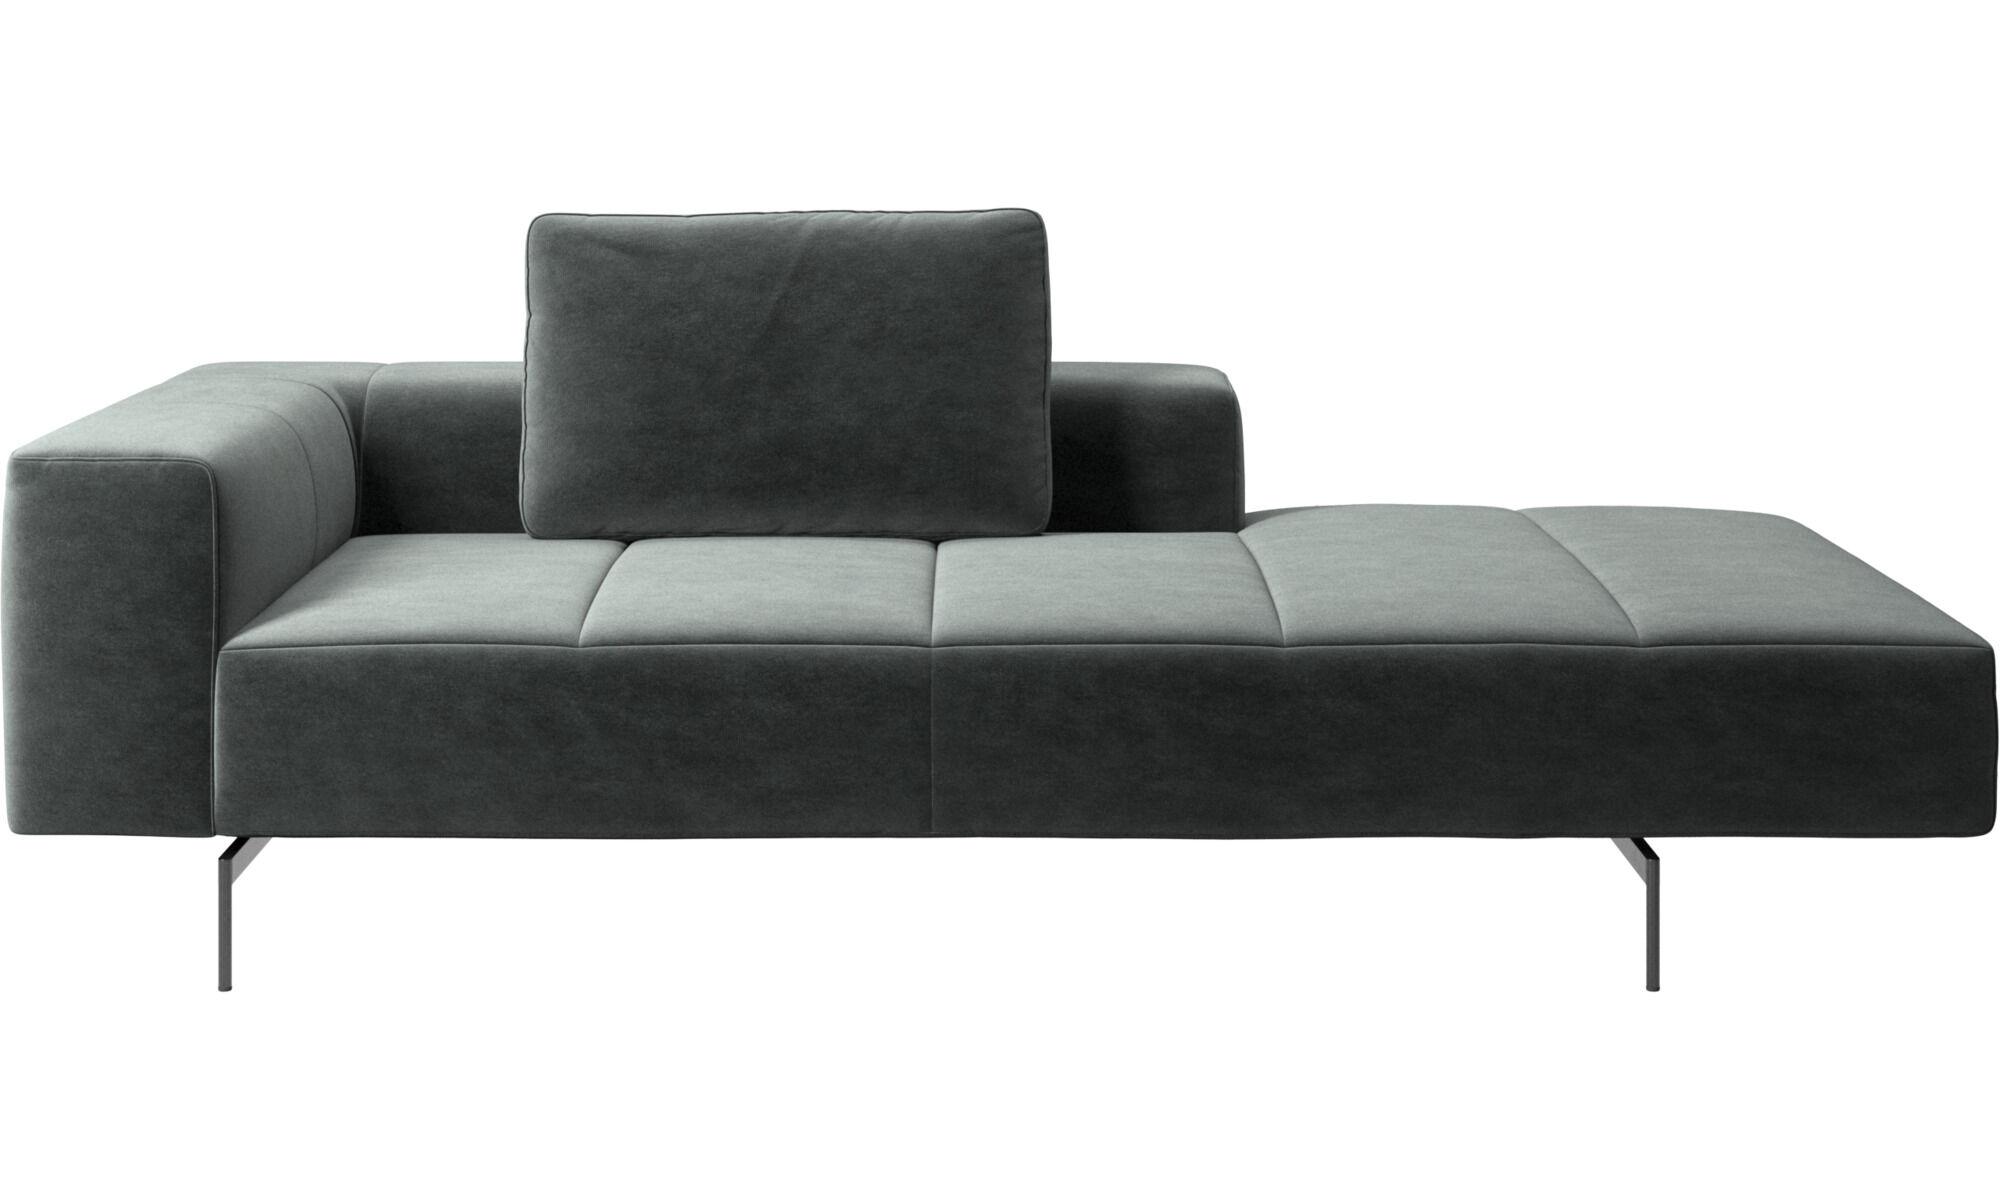 Sofas Mit Récamiere   Amsterdam Sofa Loungemodul, Mittelgroße Armlehne  Rechts   Grün   Stoff